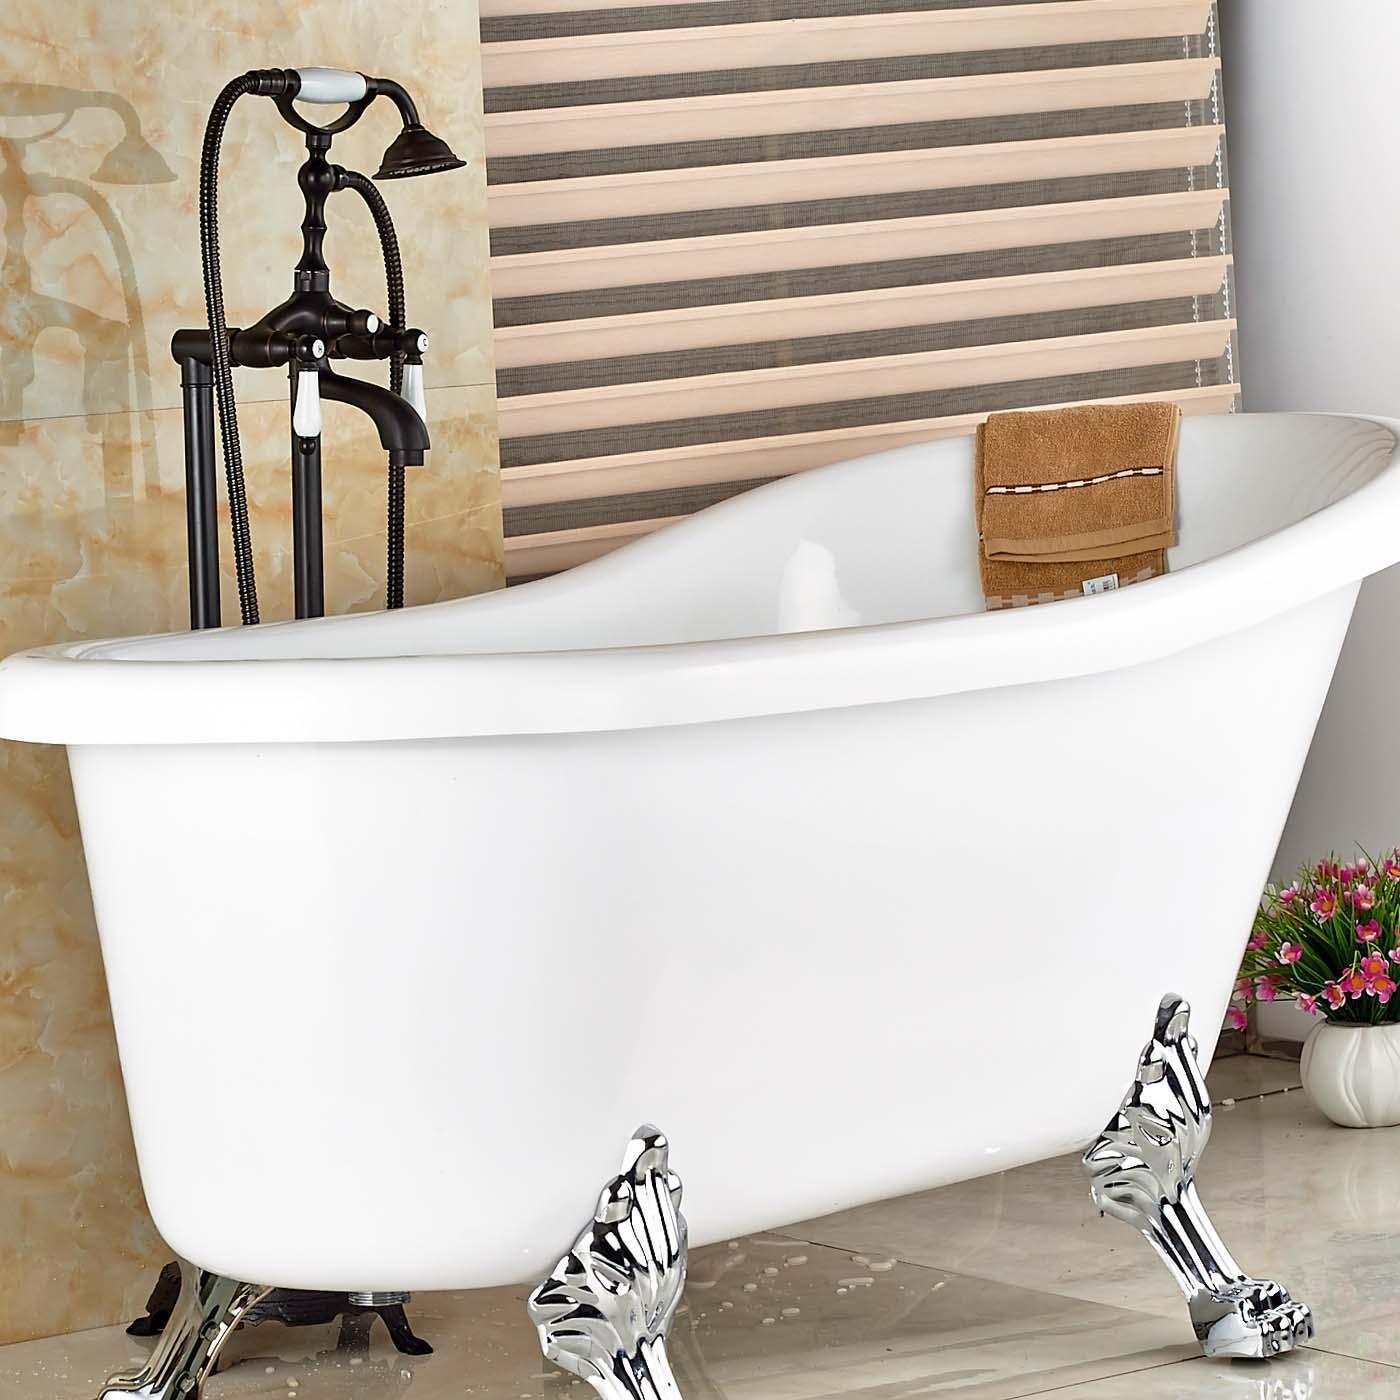 Großhandel Großhandel Und Einzelhandel Öl Eingerieben Bronze Massivem  Messing Boden Montiert Badezimmer Badewanne Wasserhahn Keramik Stil  Freistehende